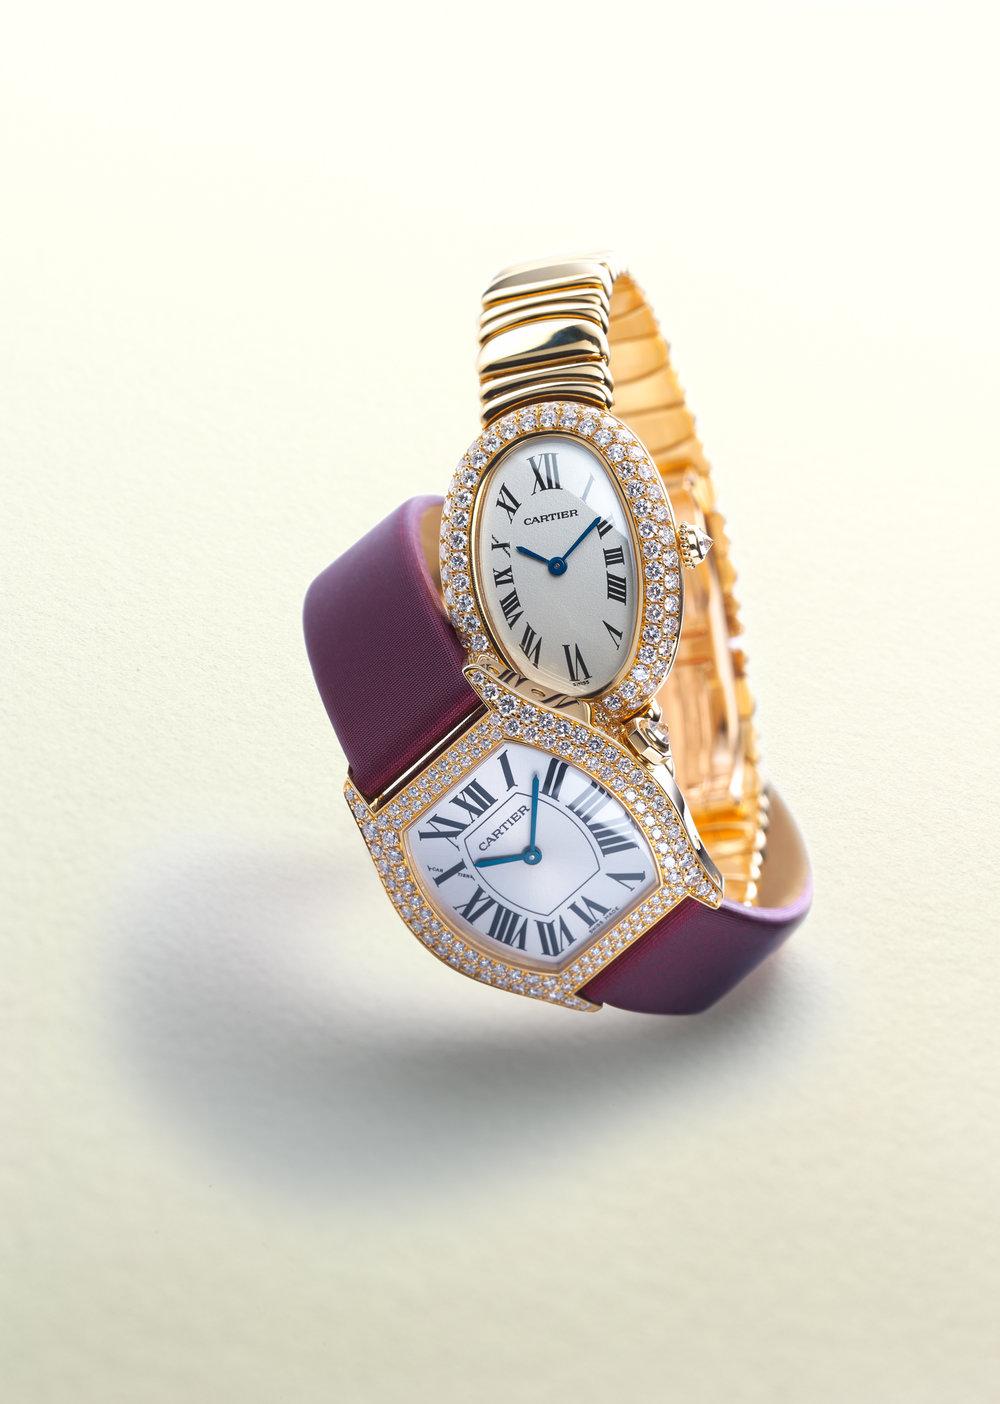 Cartier Uhren, Uhrenfotografie, Zürich, Schweiz